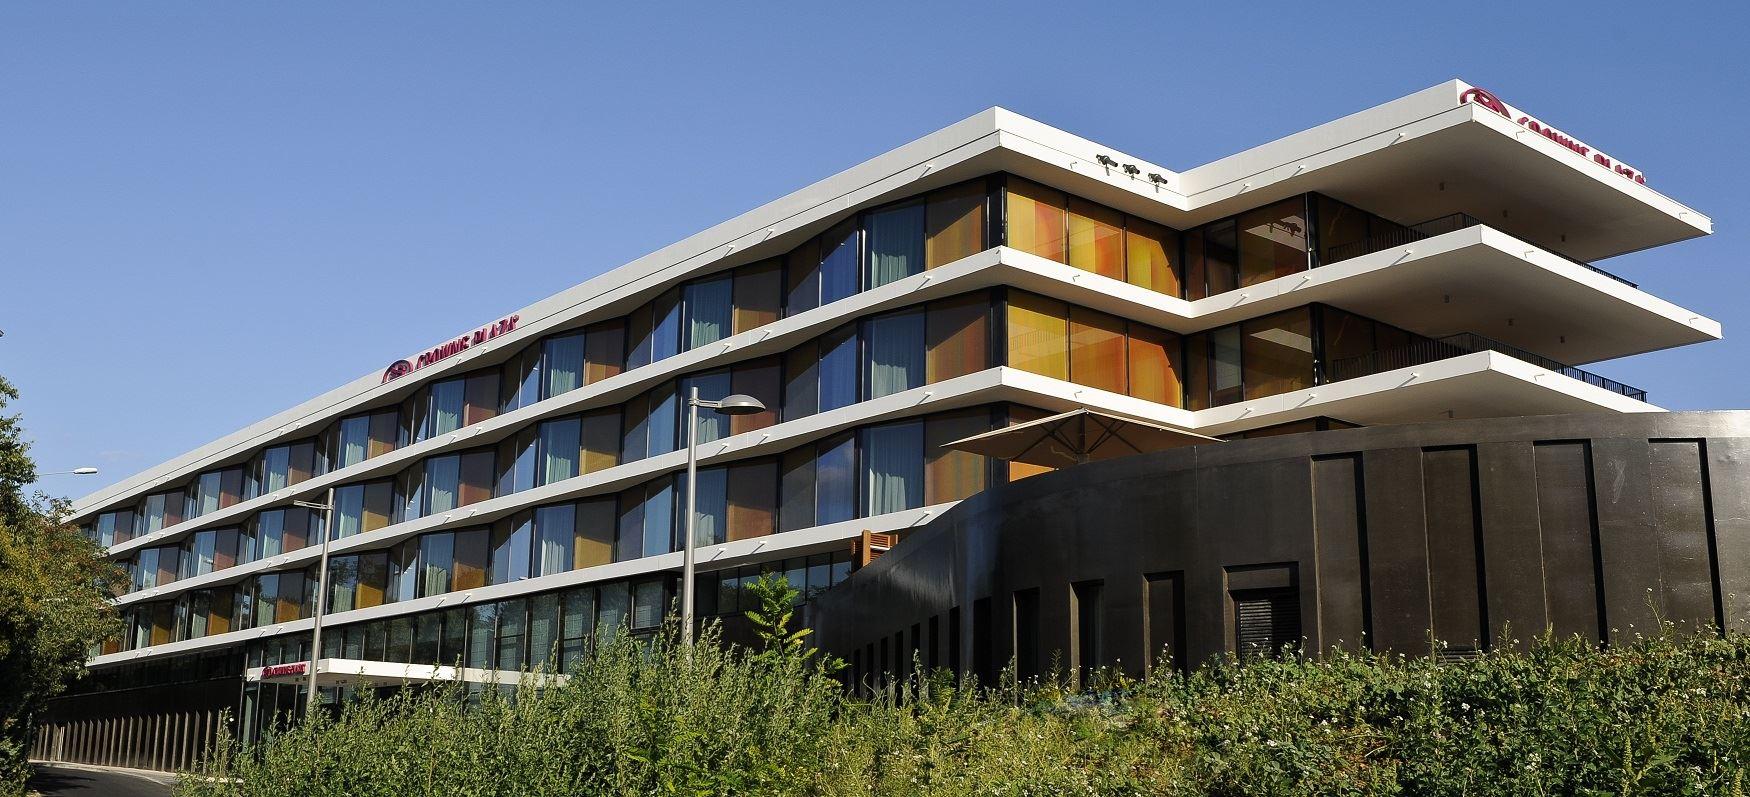 Hôtel Crowne Plaza Montpellier Corum